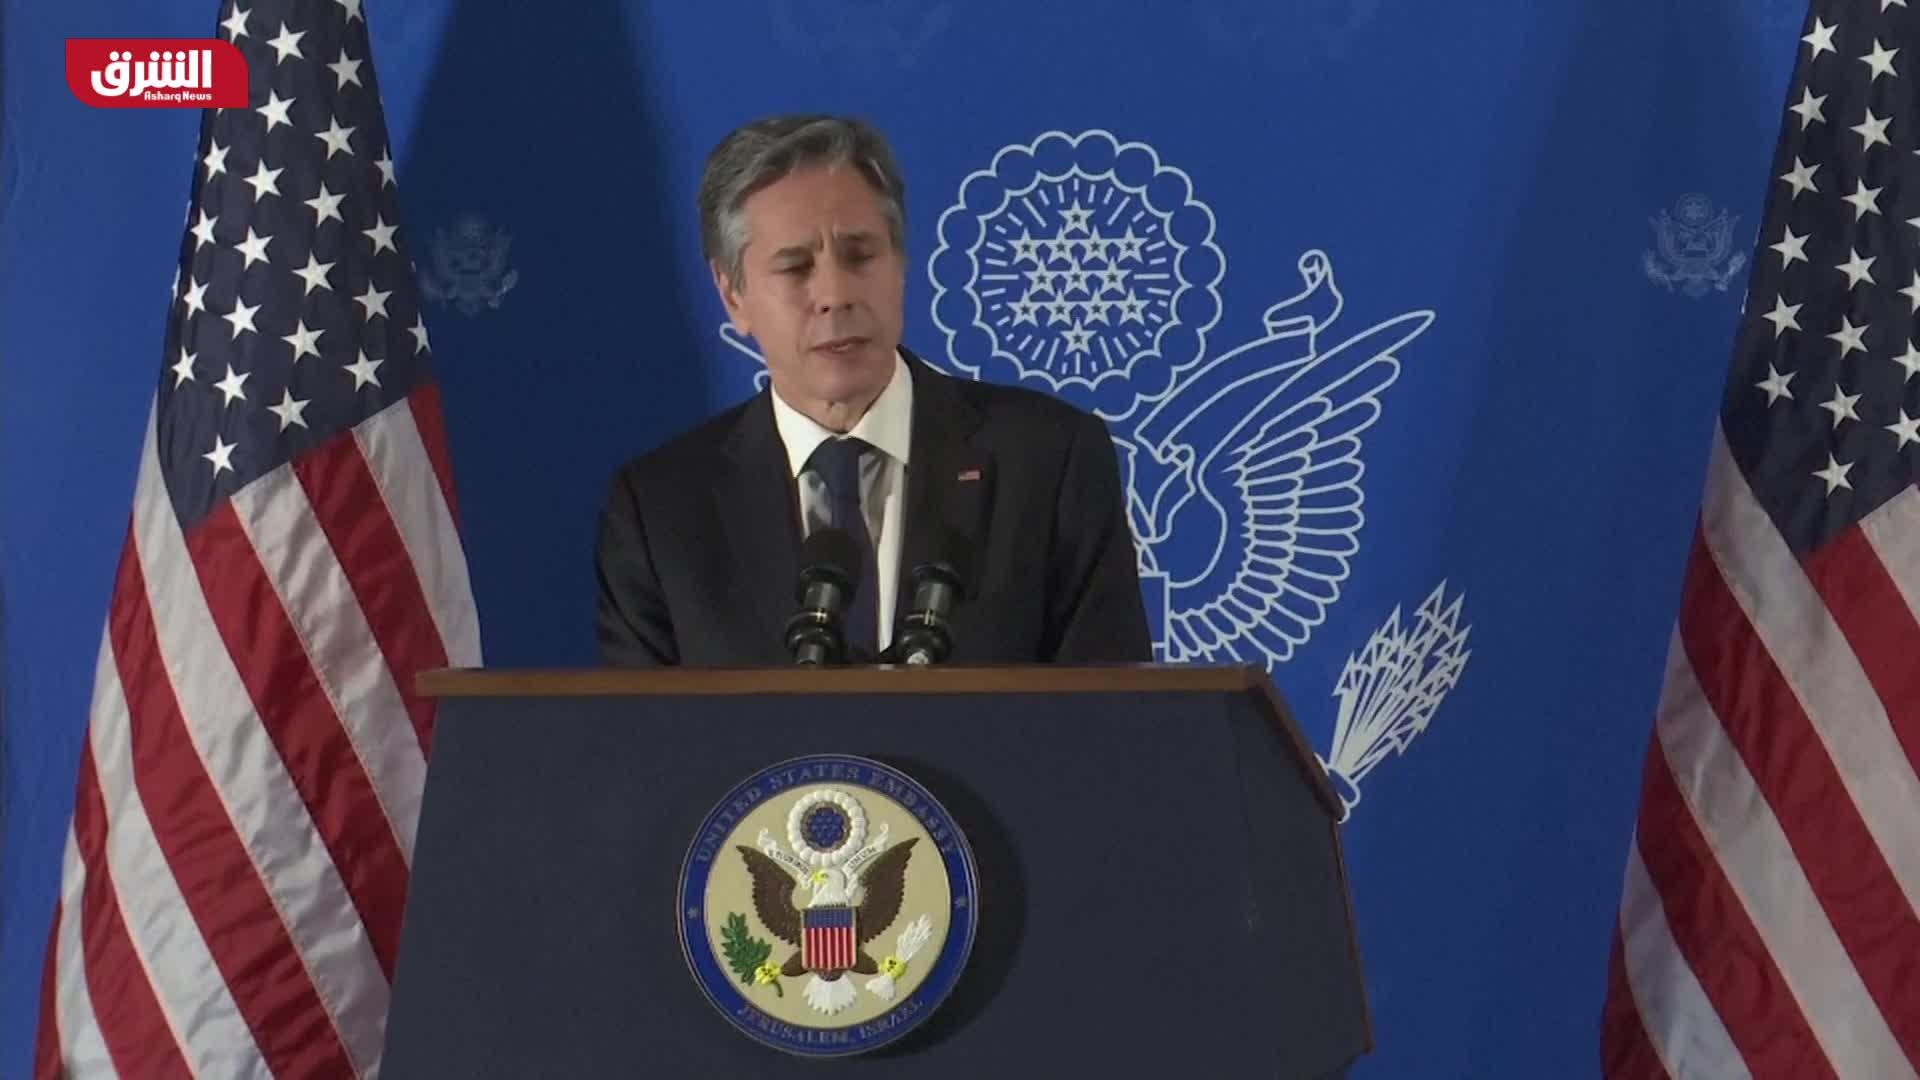 مؤتمر صحفي لوزير الخارجية الأميركي أنتوني بلينكين